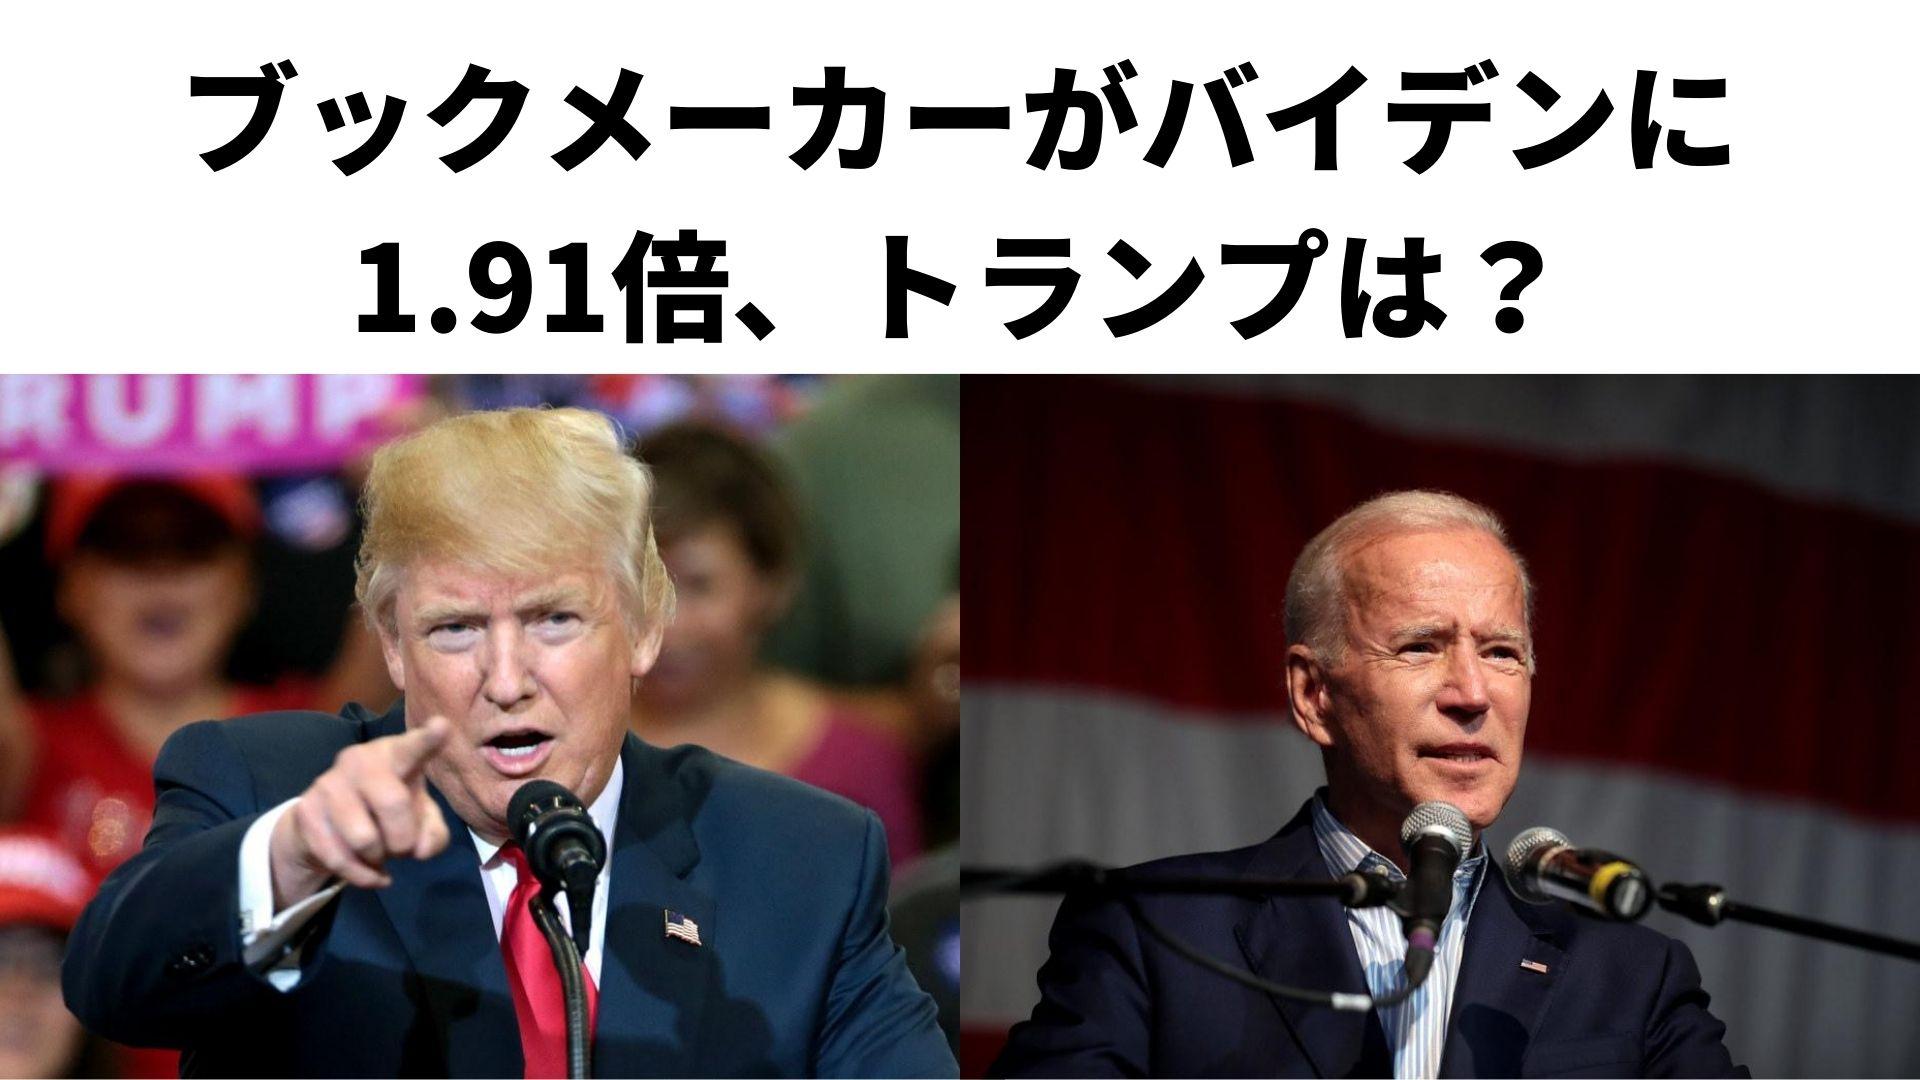 アメリカ大統領選挙のブックメーカー予想